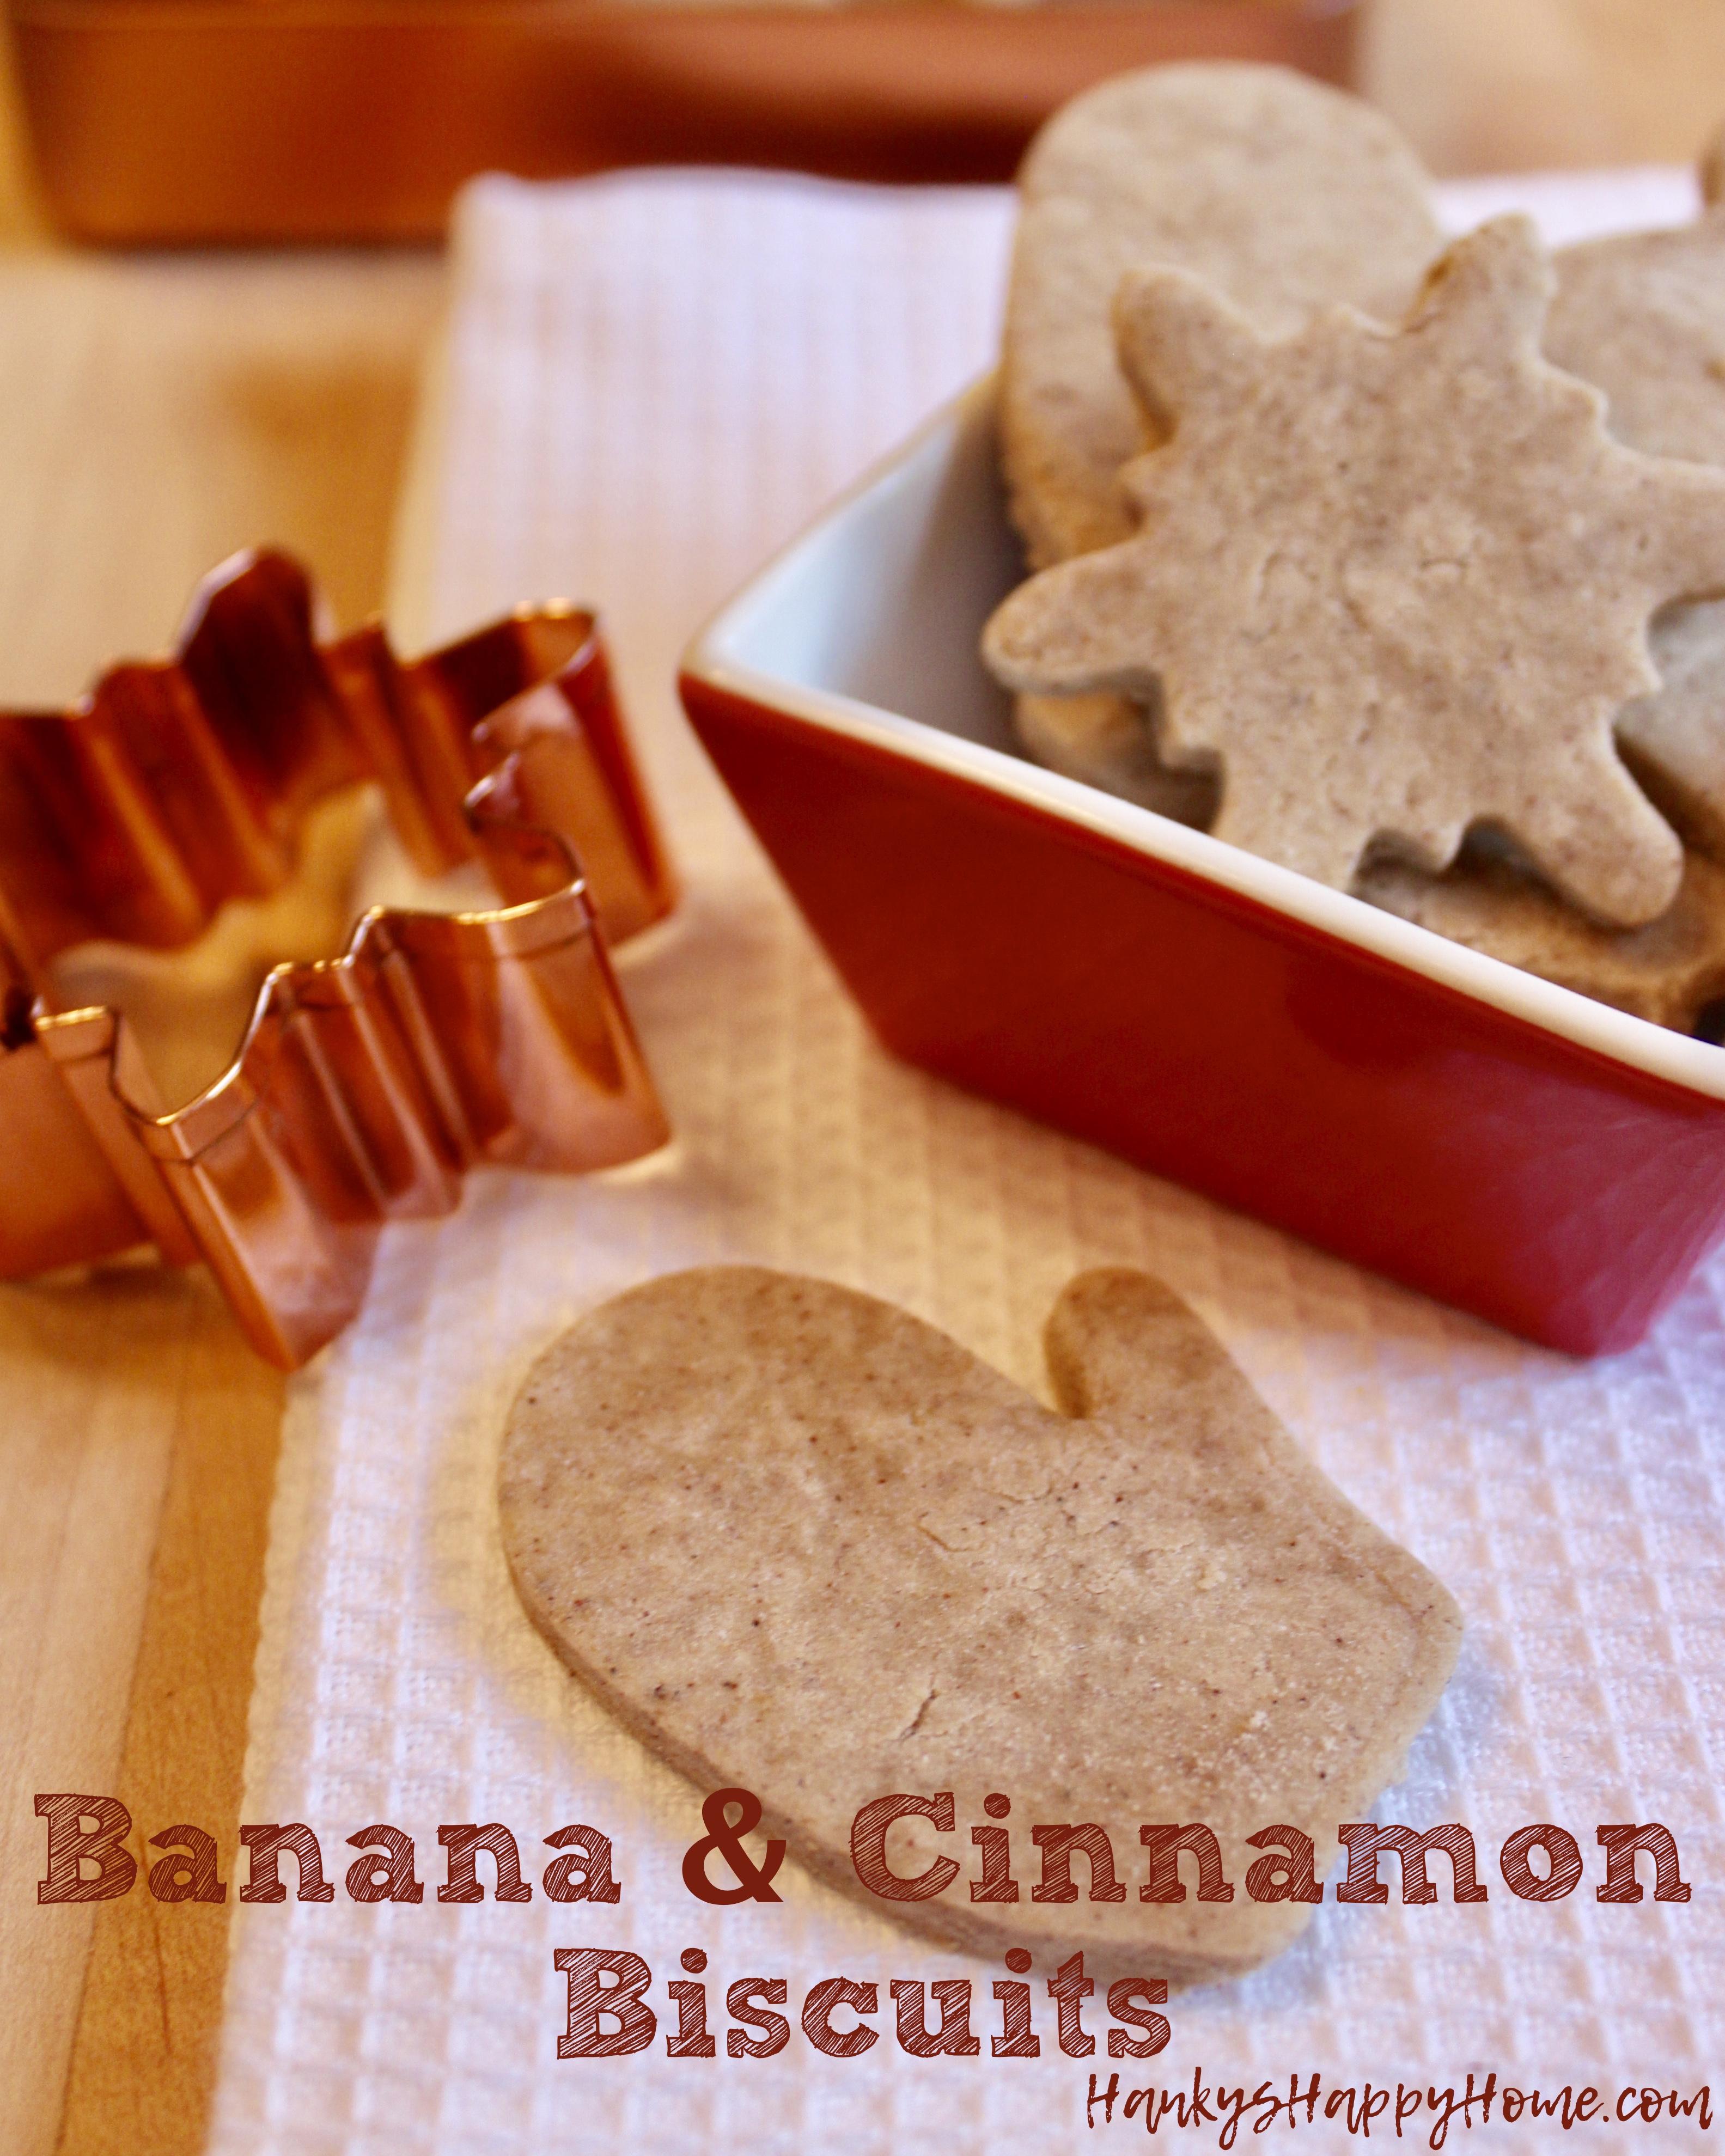 Banana Cinnamon Biscuits